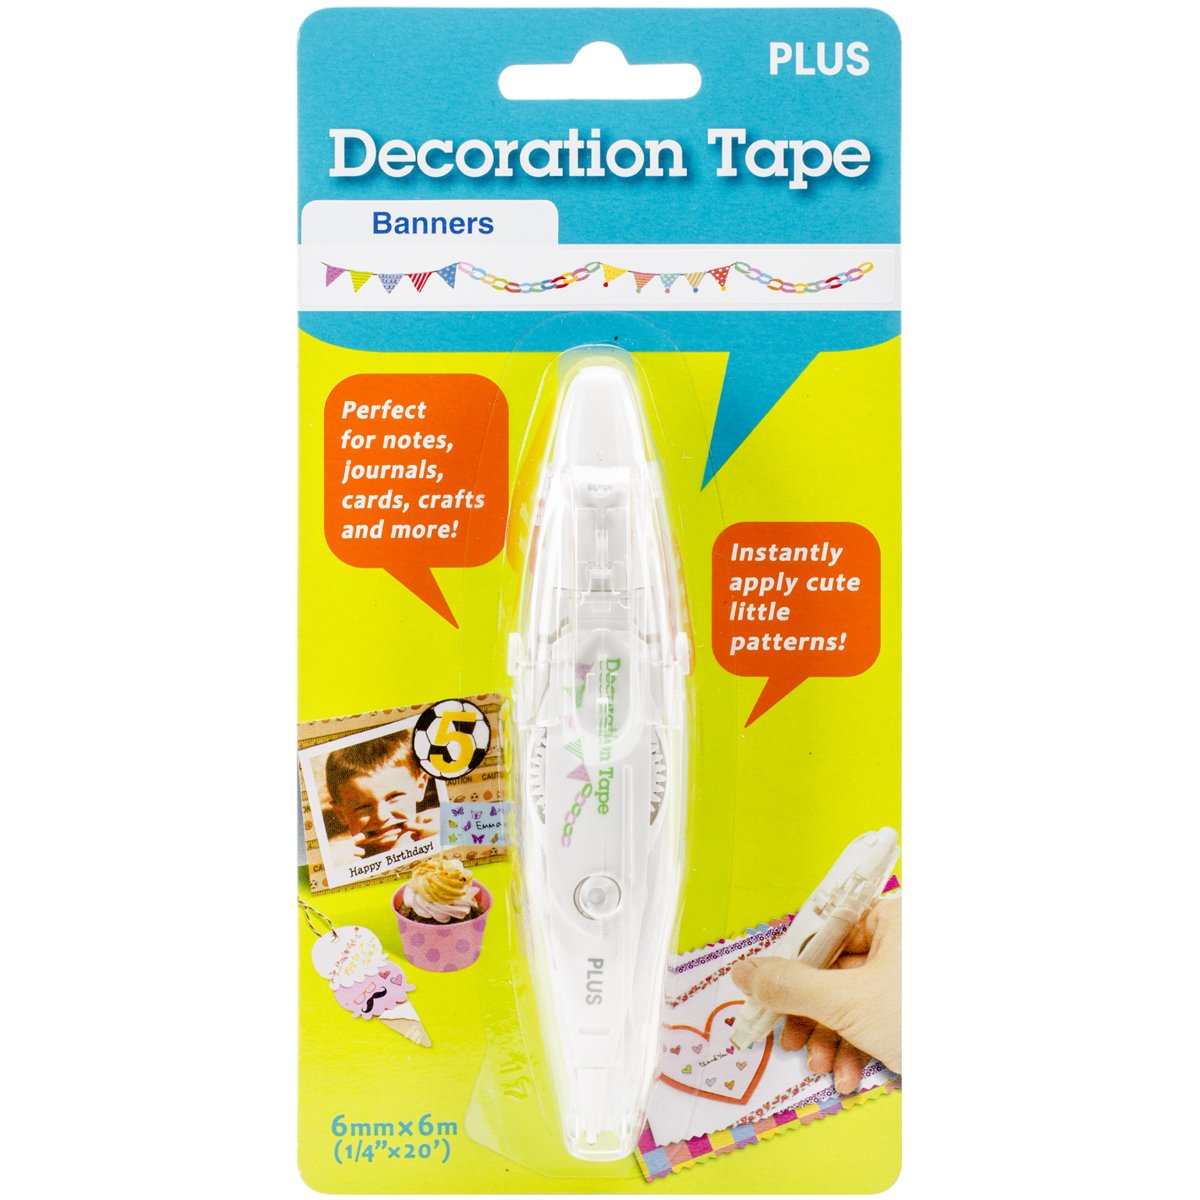 Amazon.com: Plus Corporation Decoration Tape Pen, Banners: Arts ...